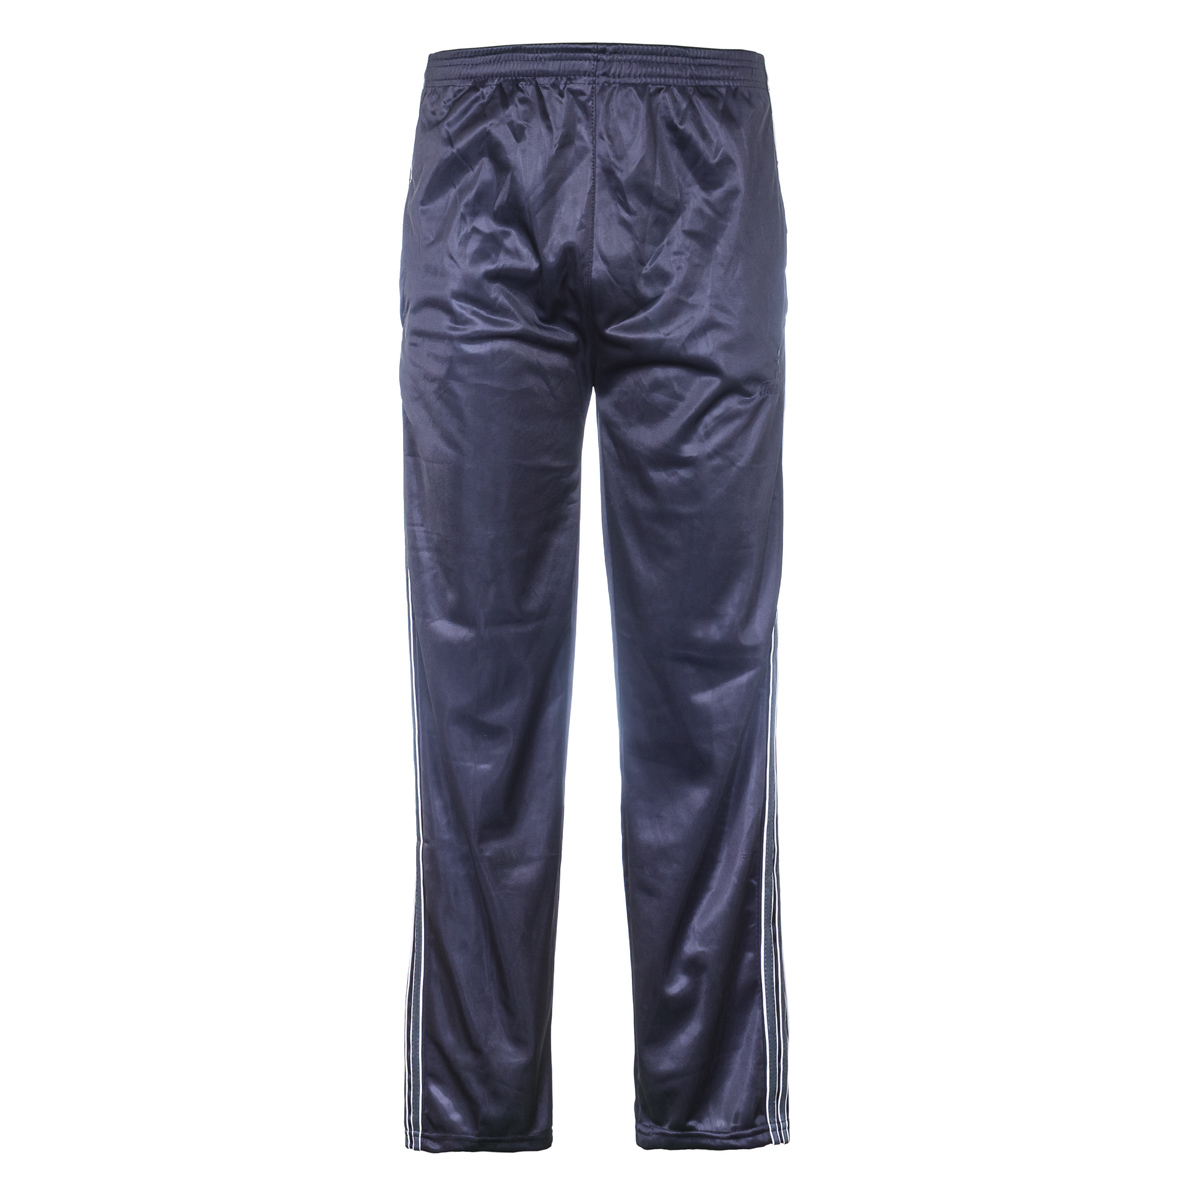 Муж. брюки арт. 12-0064 р. 48 - Мужская одежда артикул: 26407